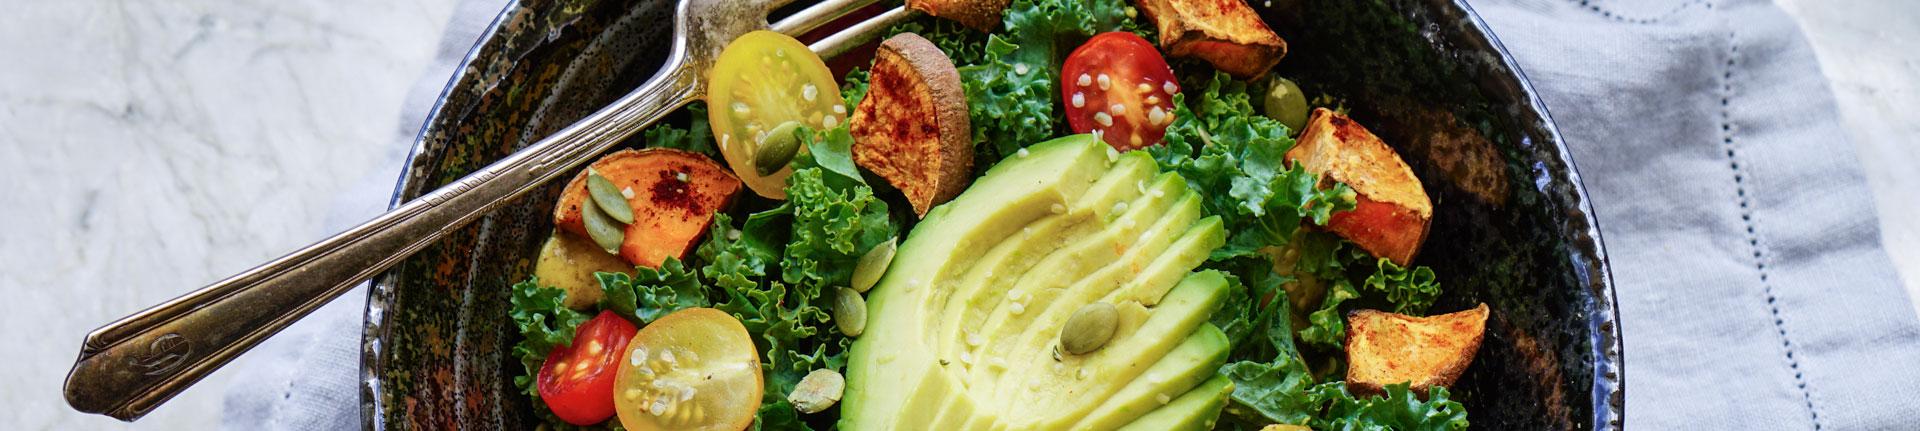 Dieta Paleo: saiba tudo sobre este tipo de alimentação